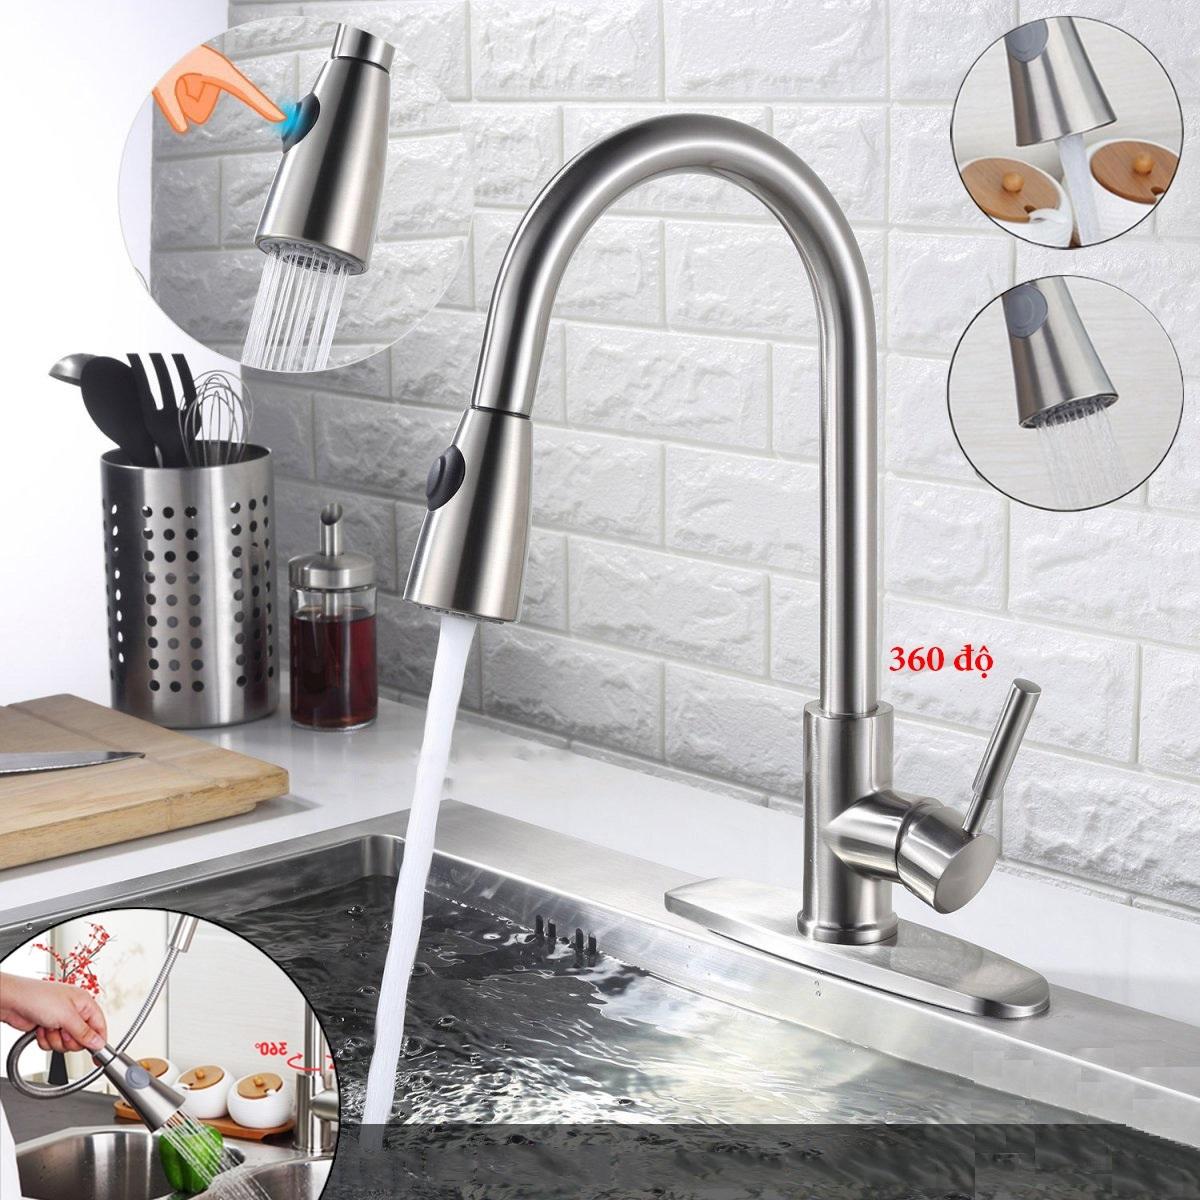 Vòi rửa chén , rửa bát huy tưởng có dây rút inox 304 tặng kèm dây cấp nước 2 chế độ cao cấp phù hợp với mọi gia đình